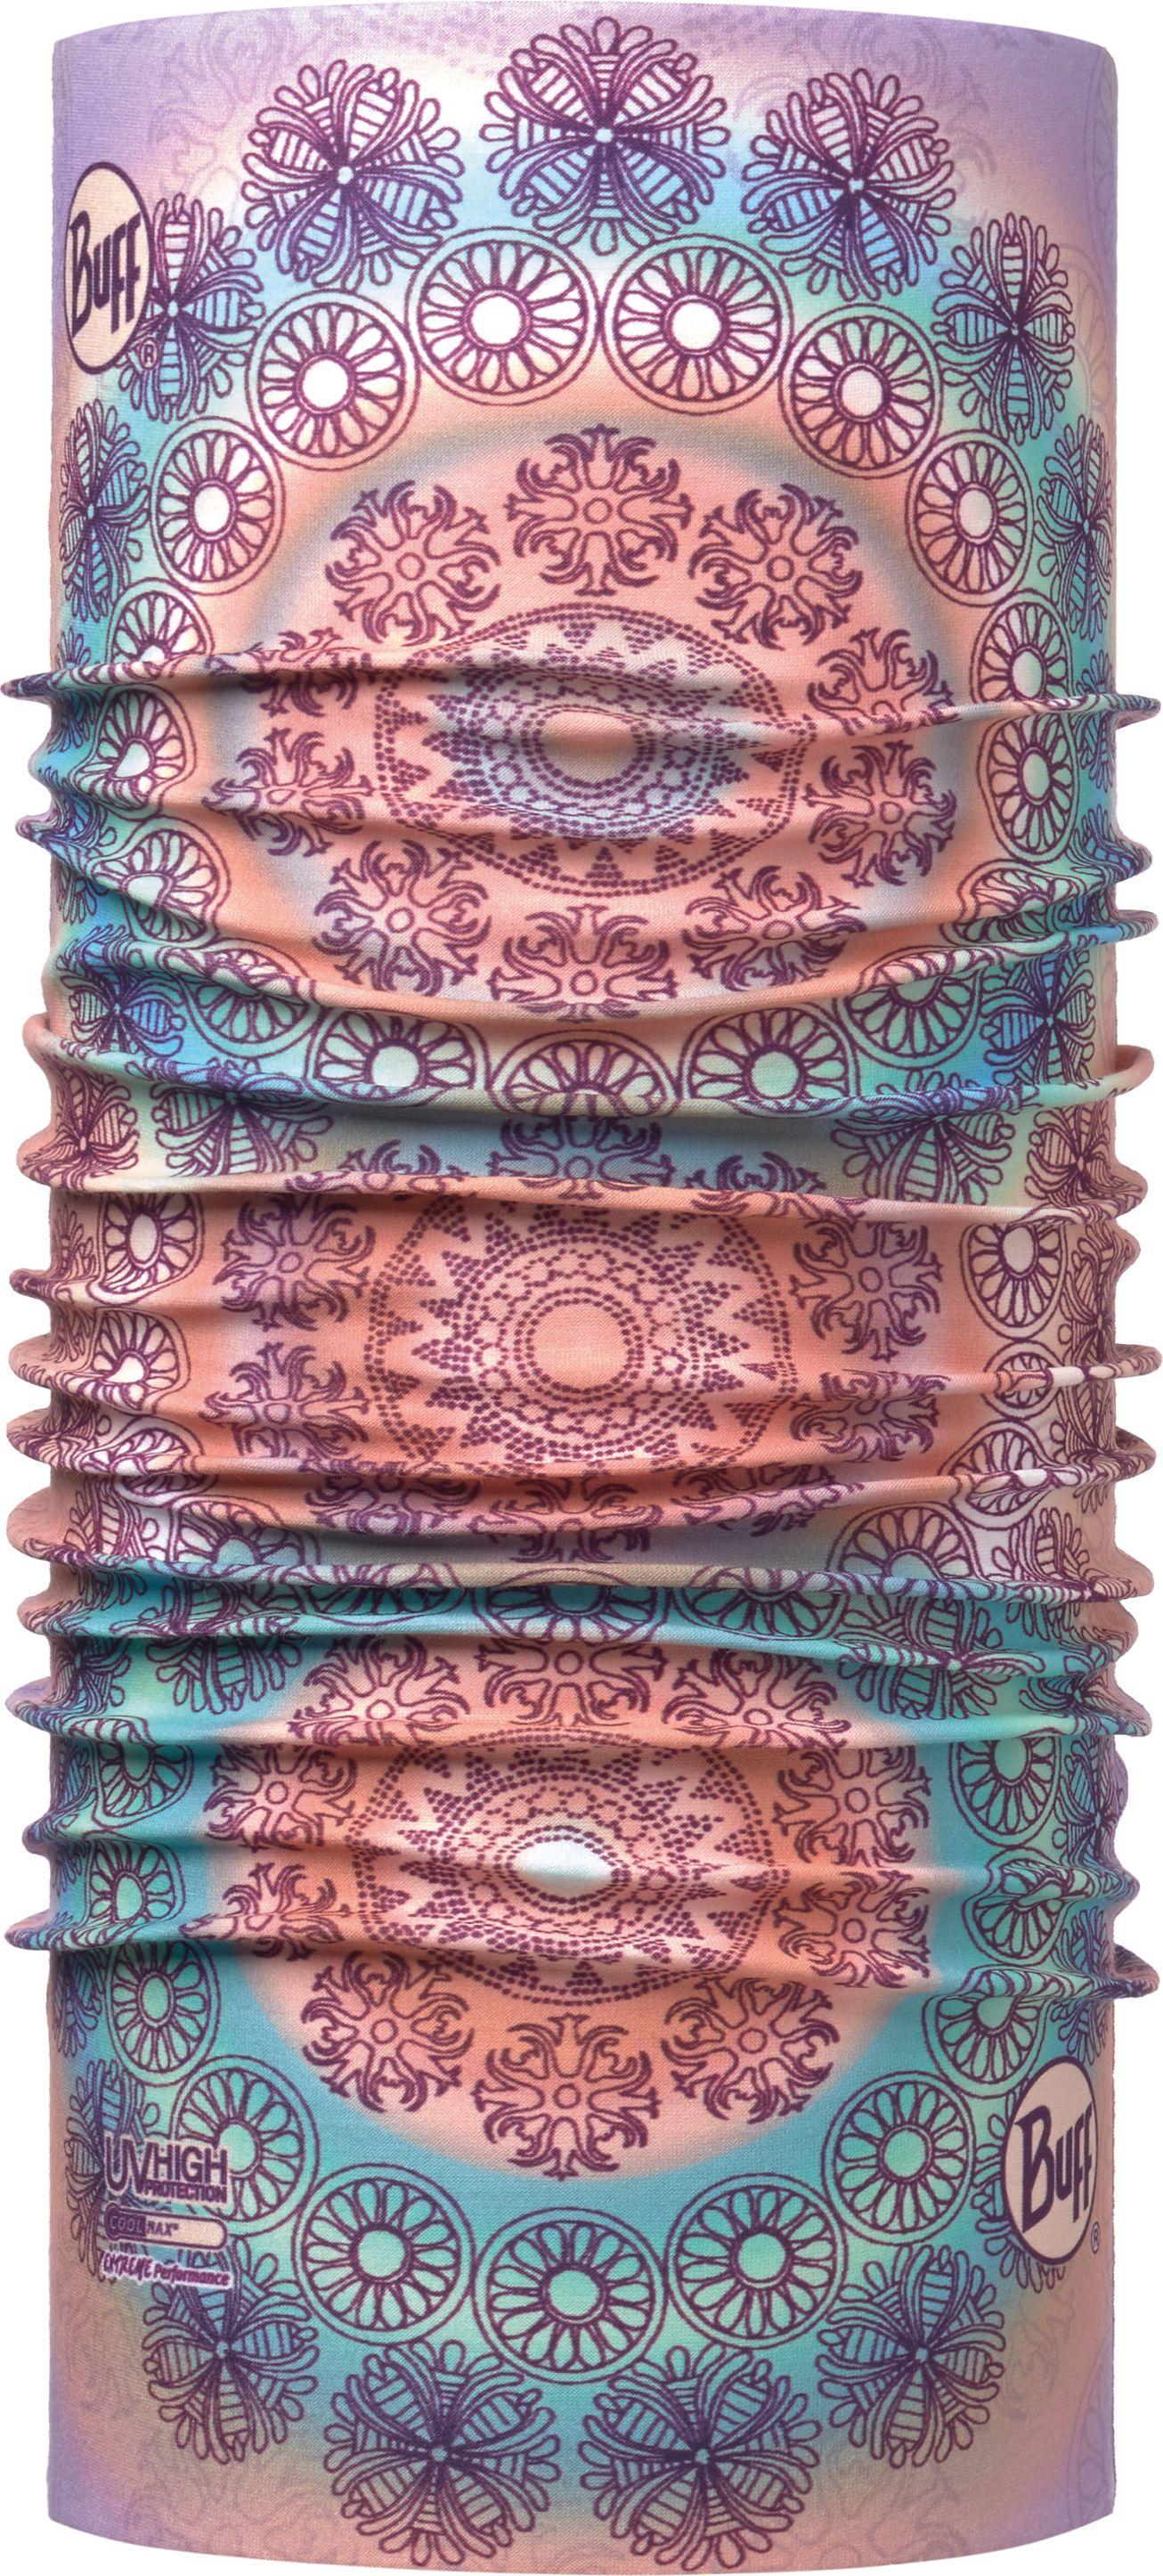 Купить Бандана Buff UV Protection Shantra Violet, цвет: фиолетовый. 113627.619.10.00. Размер универсальный